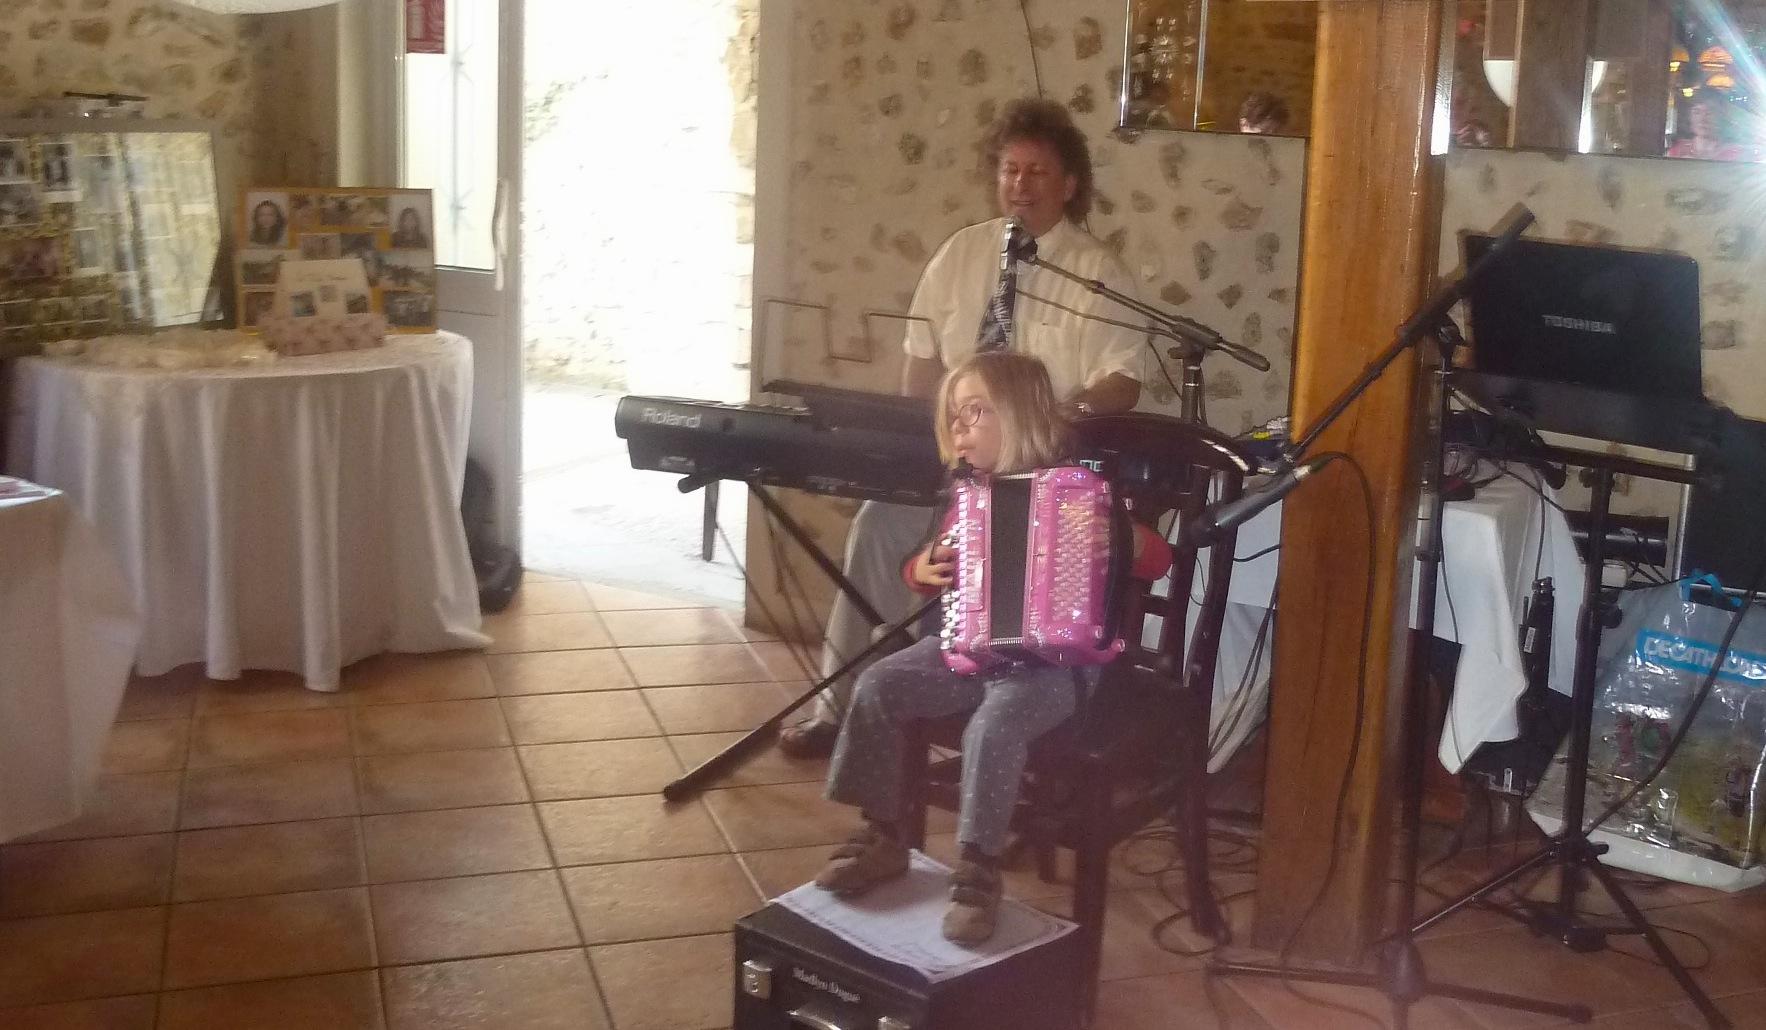 1 Orchestre de variété, formule solo, avec enfant accordéon, Dourdan 20 septembre 2014